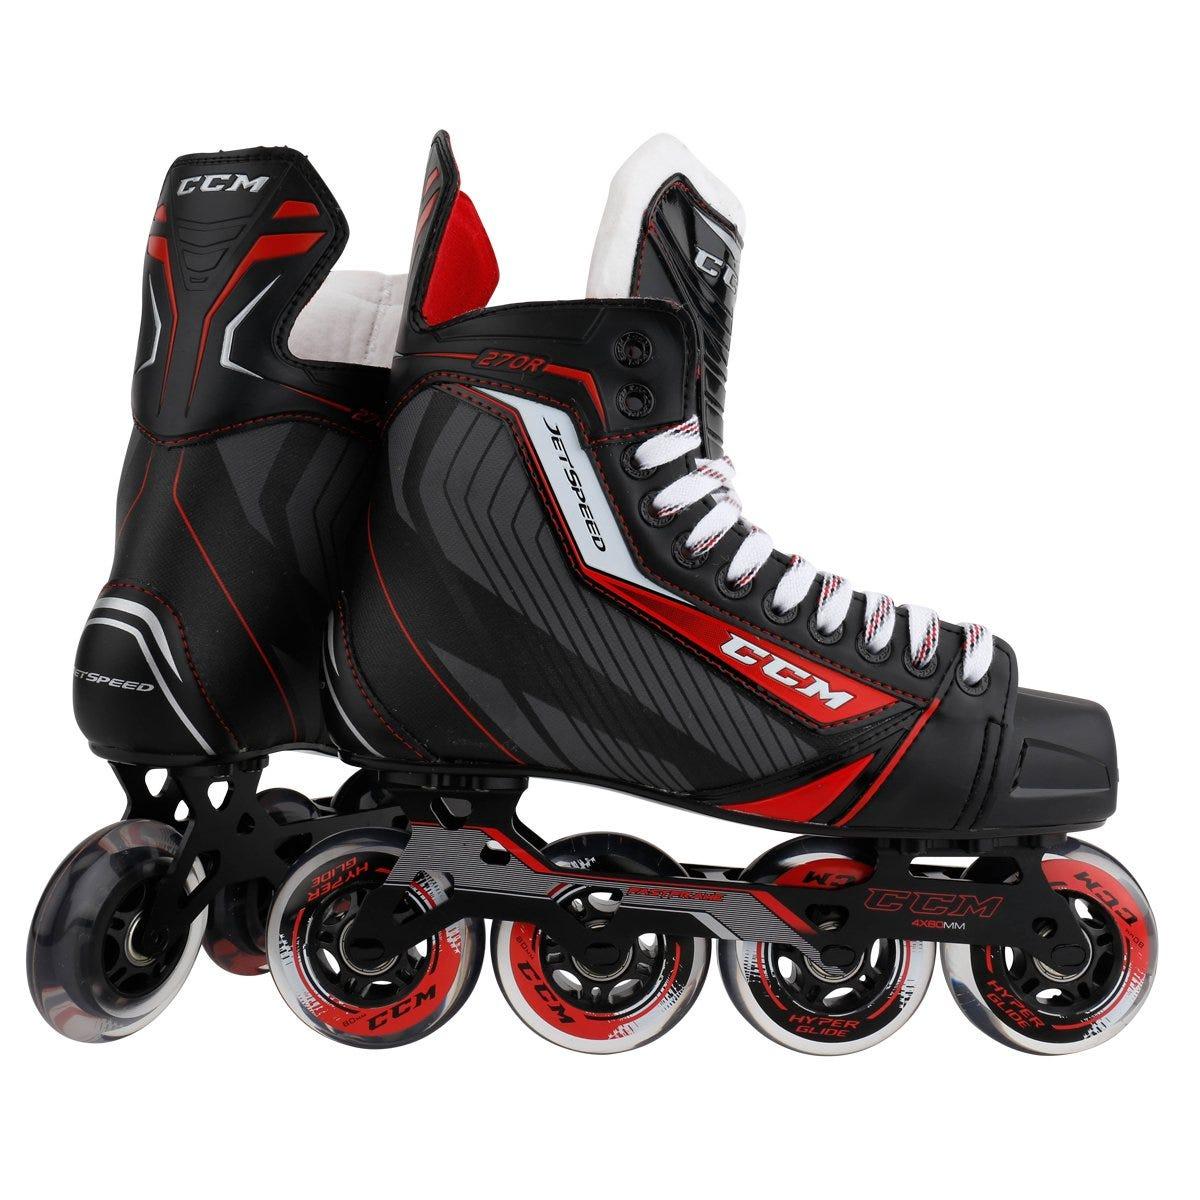 Best Roller Skate Wheels And Bearings